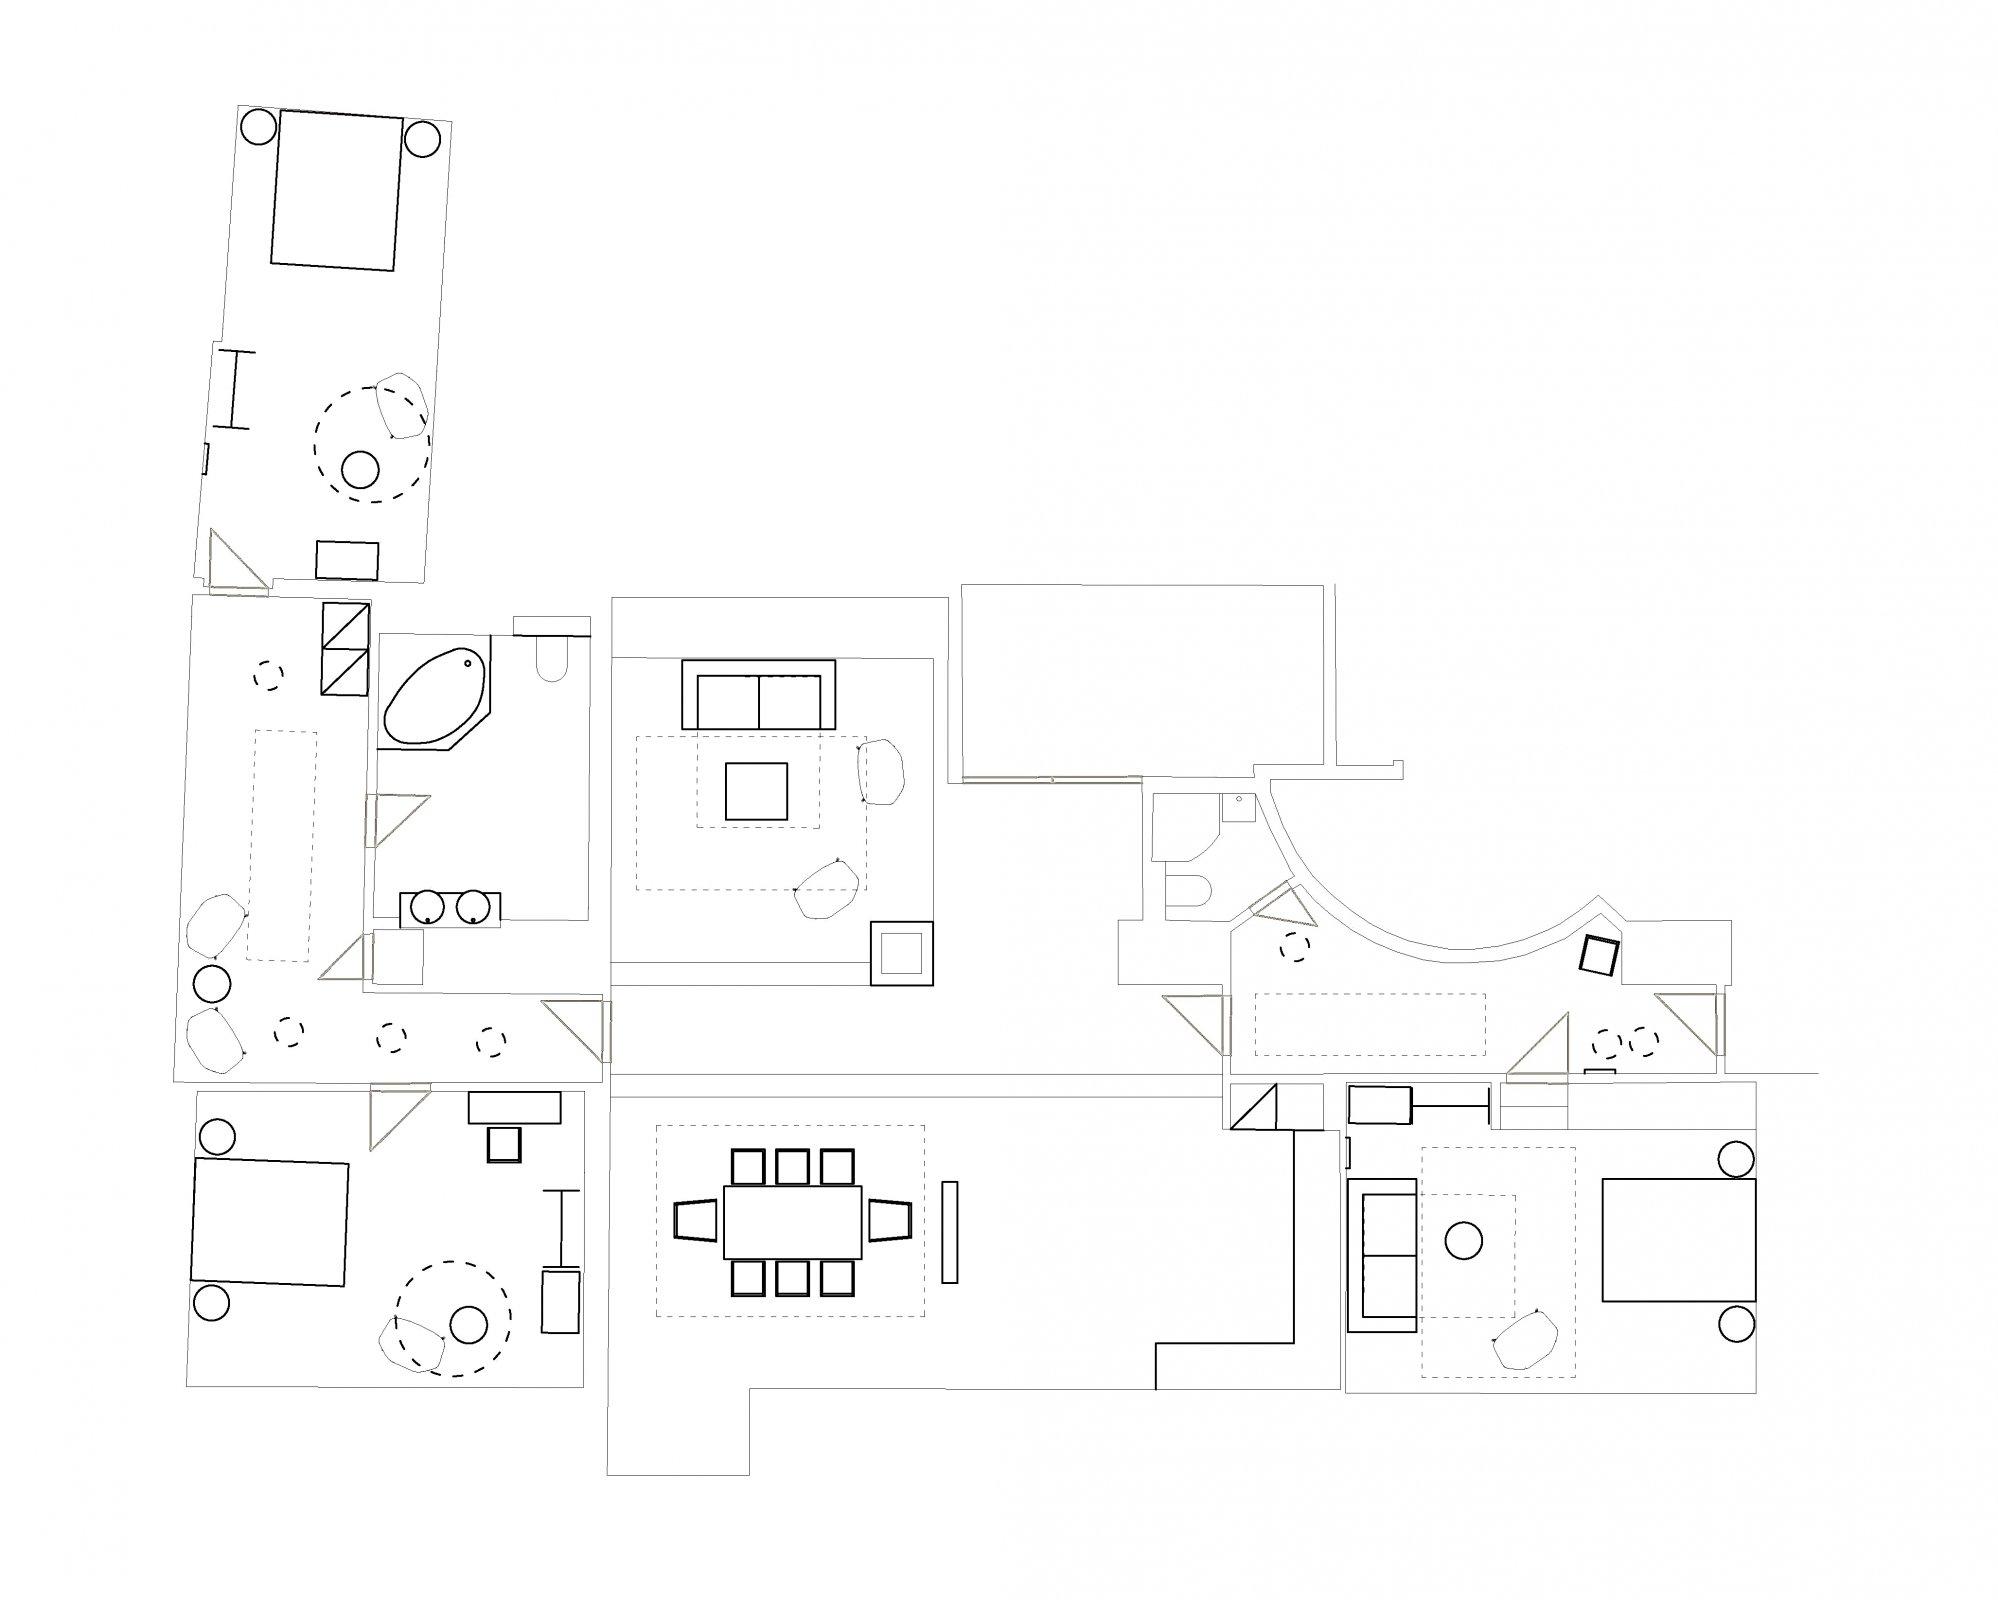 Půdorys - Půdní byt 4+kk, plocha 196 m², ulice Pohořelec, Praha 1 - Hradčany